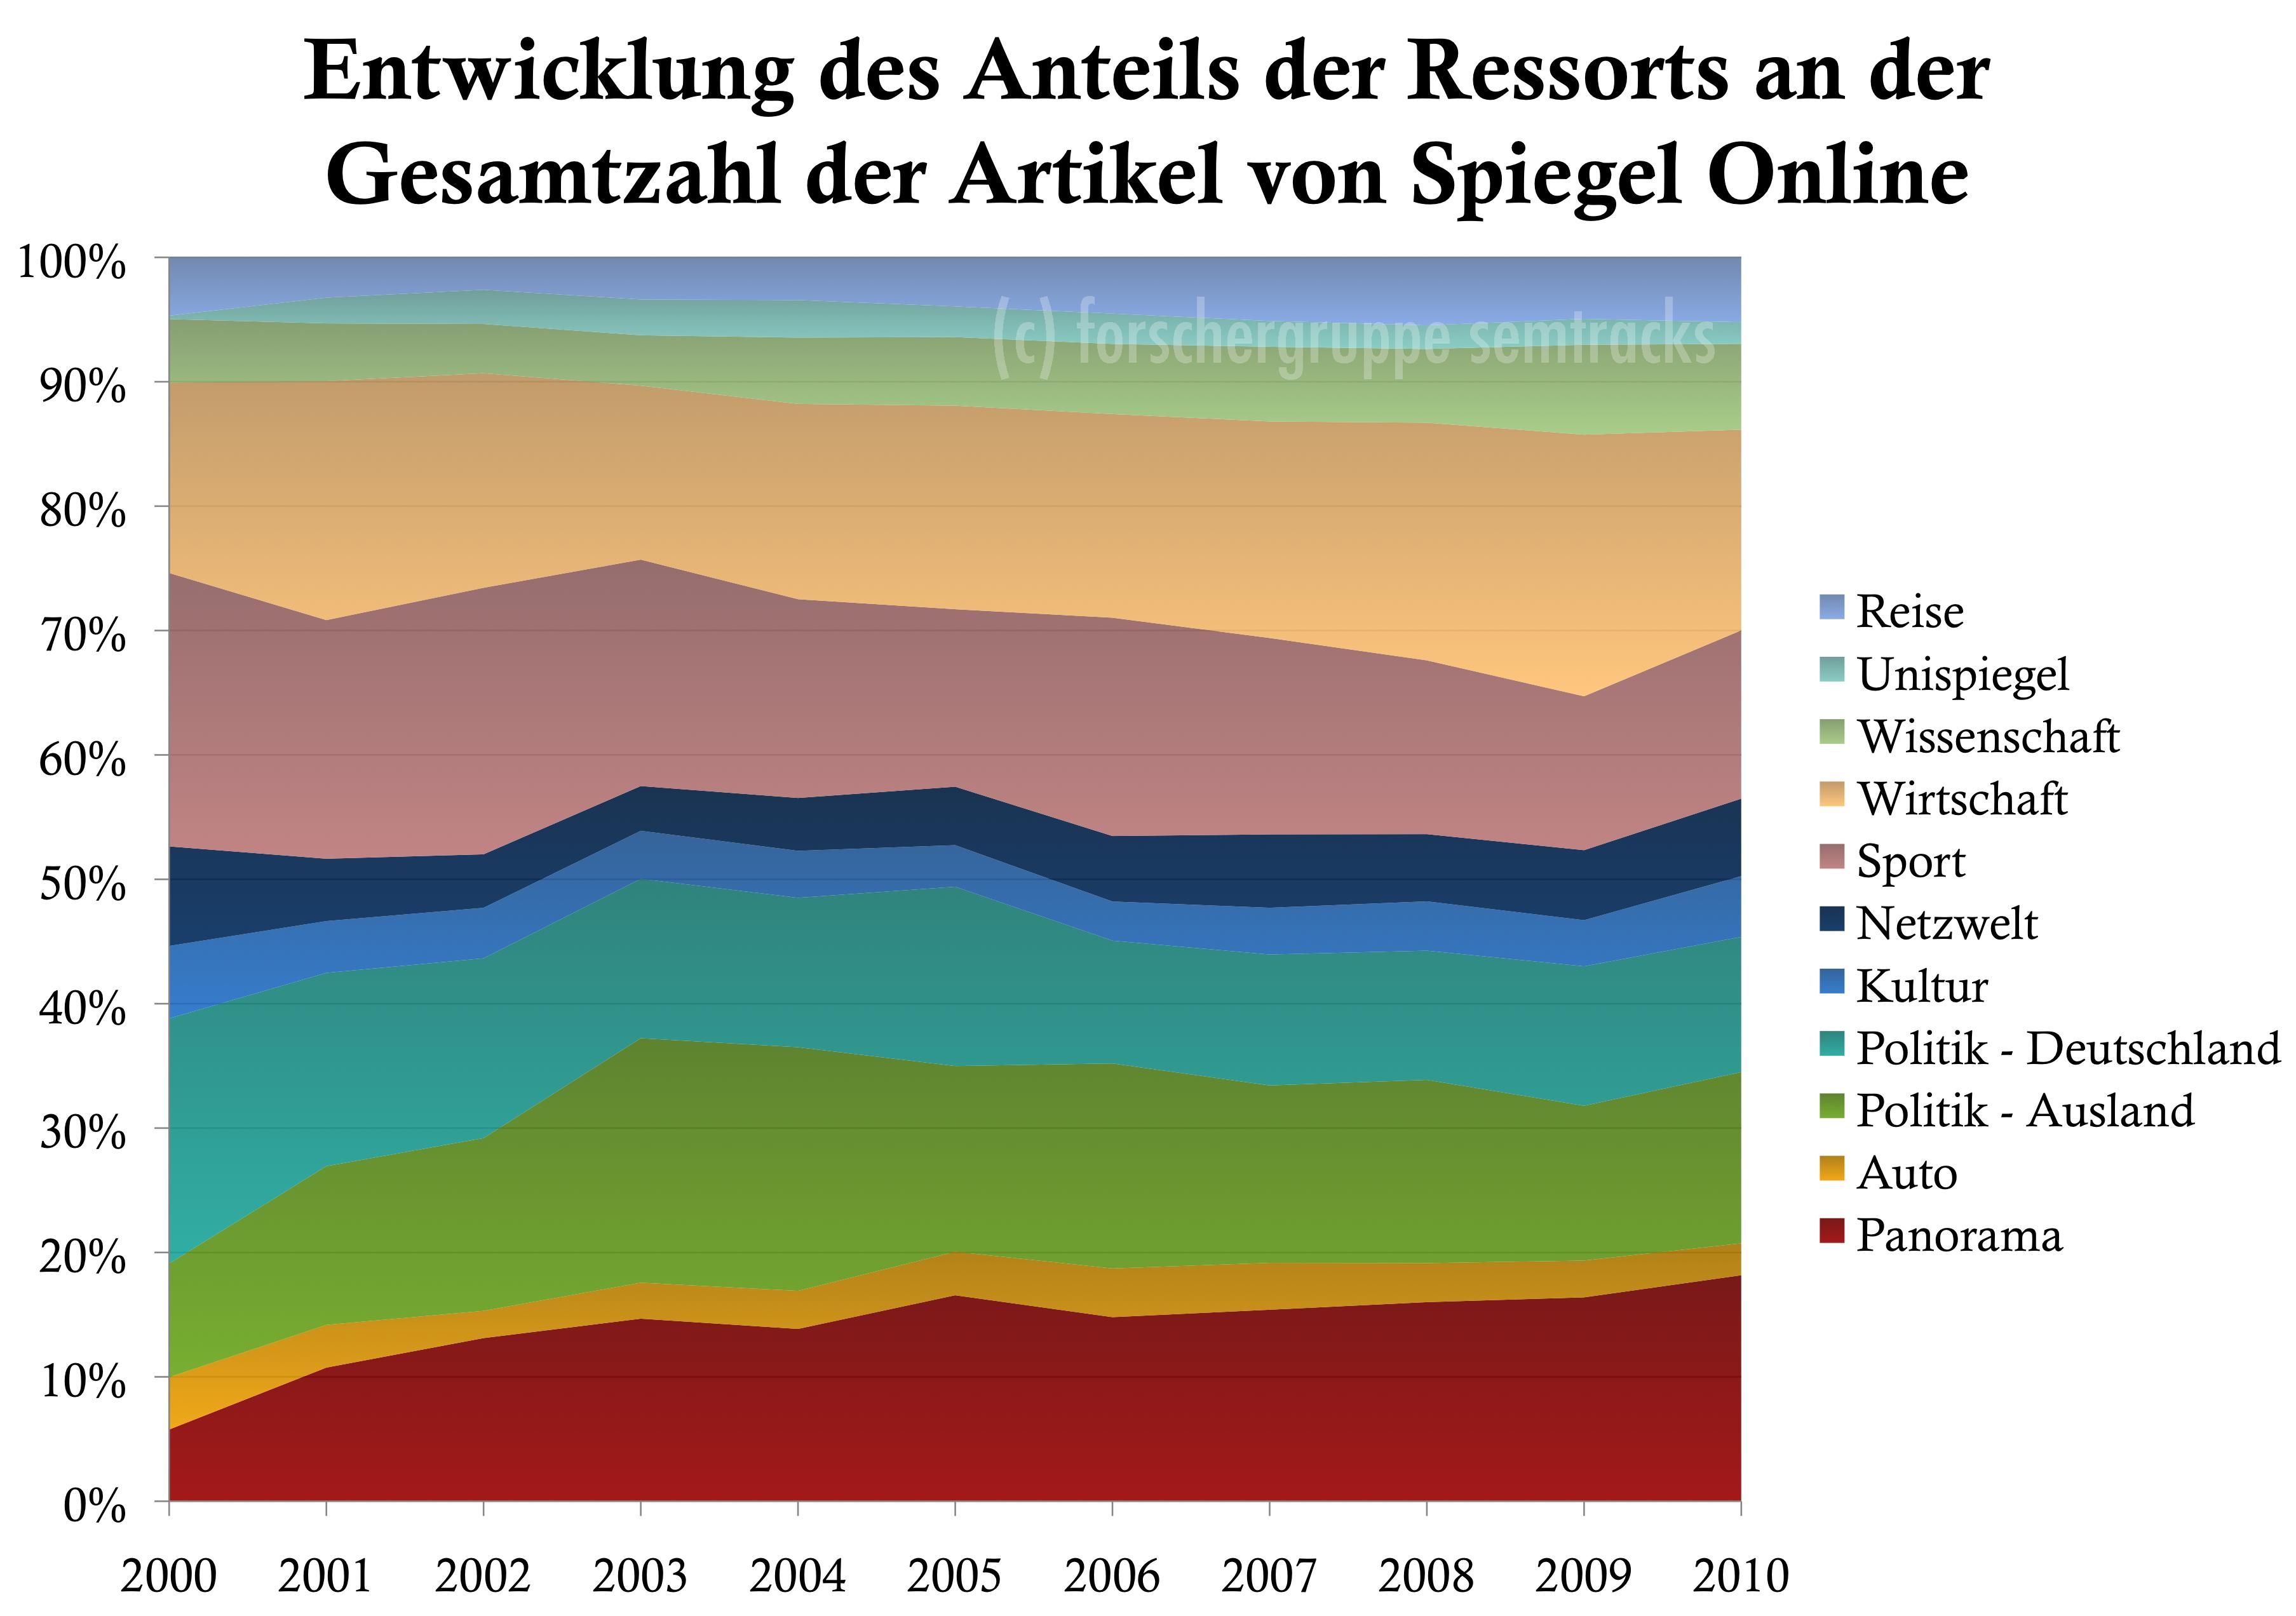 Spiegel Online: Anteil der Artikel der Ressorts an der Gesamtzahl der Artikel (jahresweise)